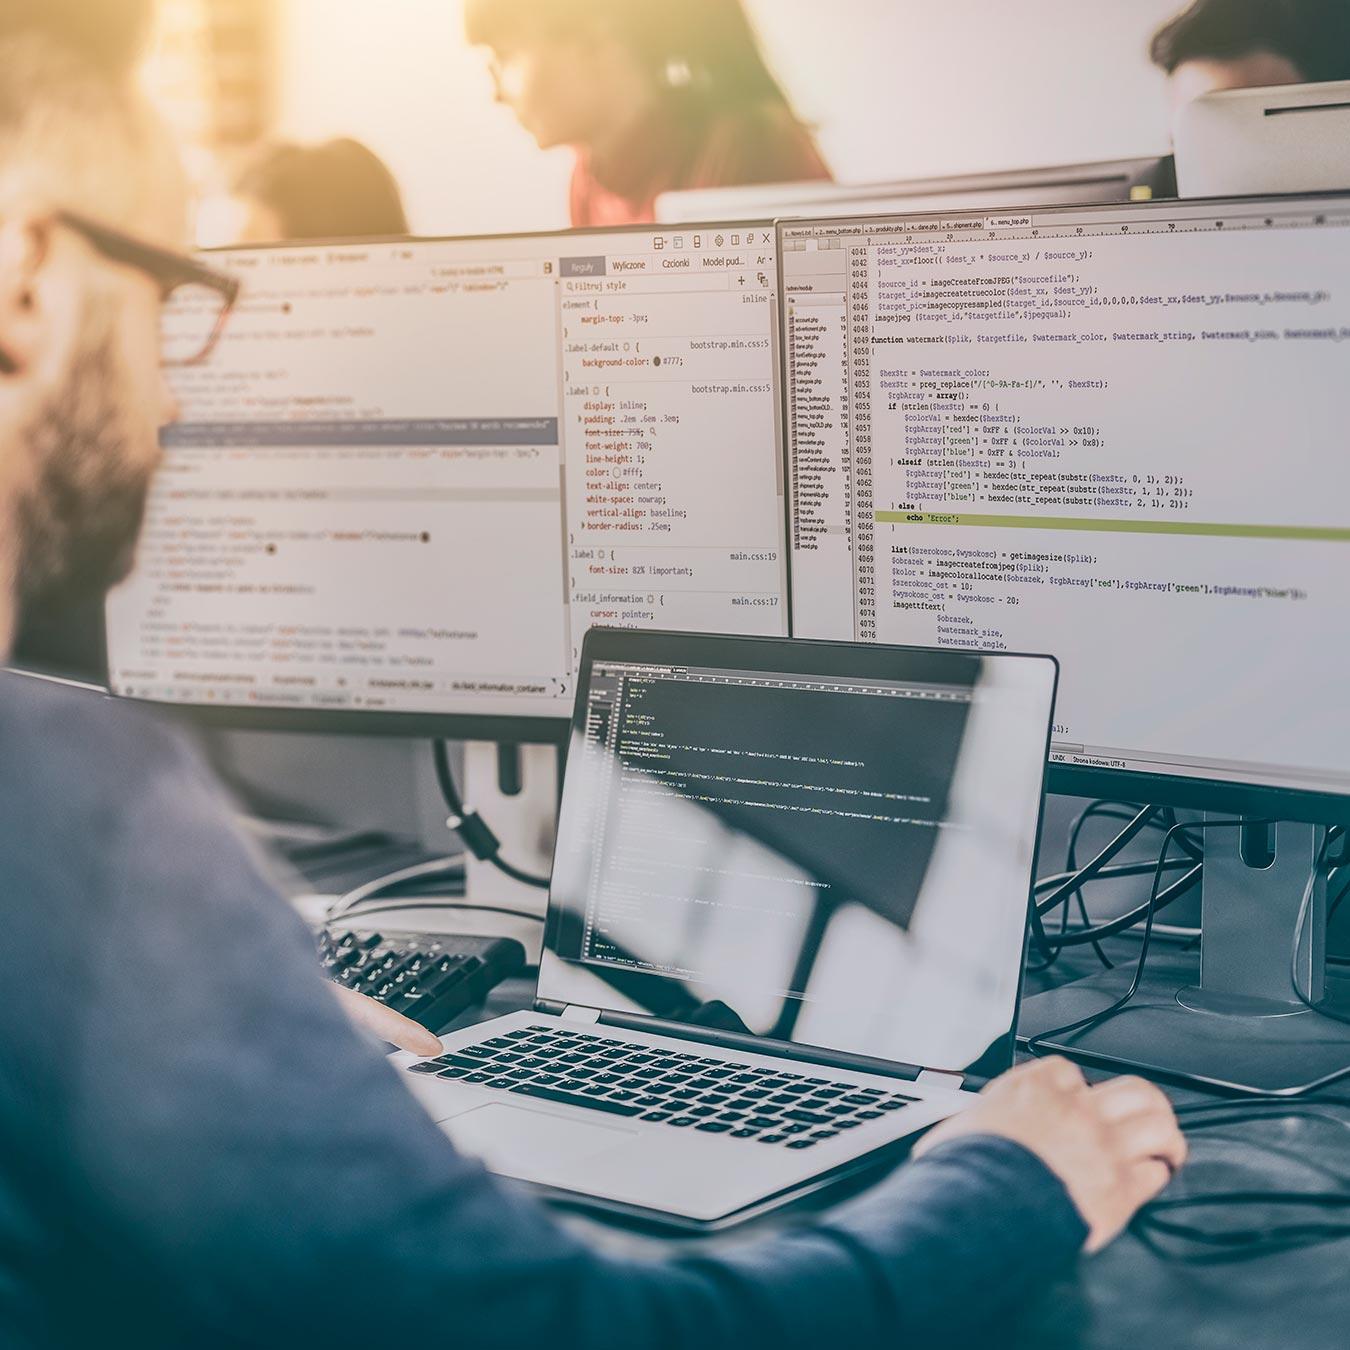 Programação para Ciência De Dados  - PUC Minas